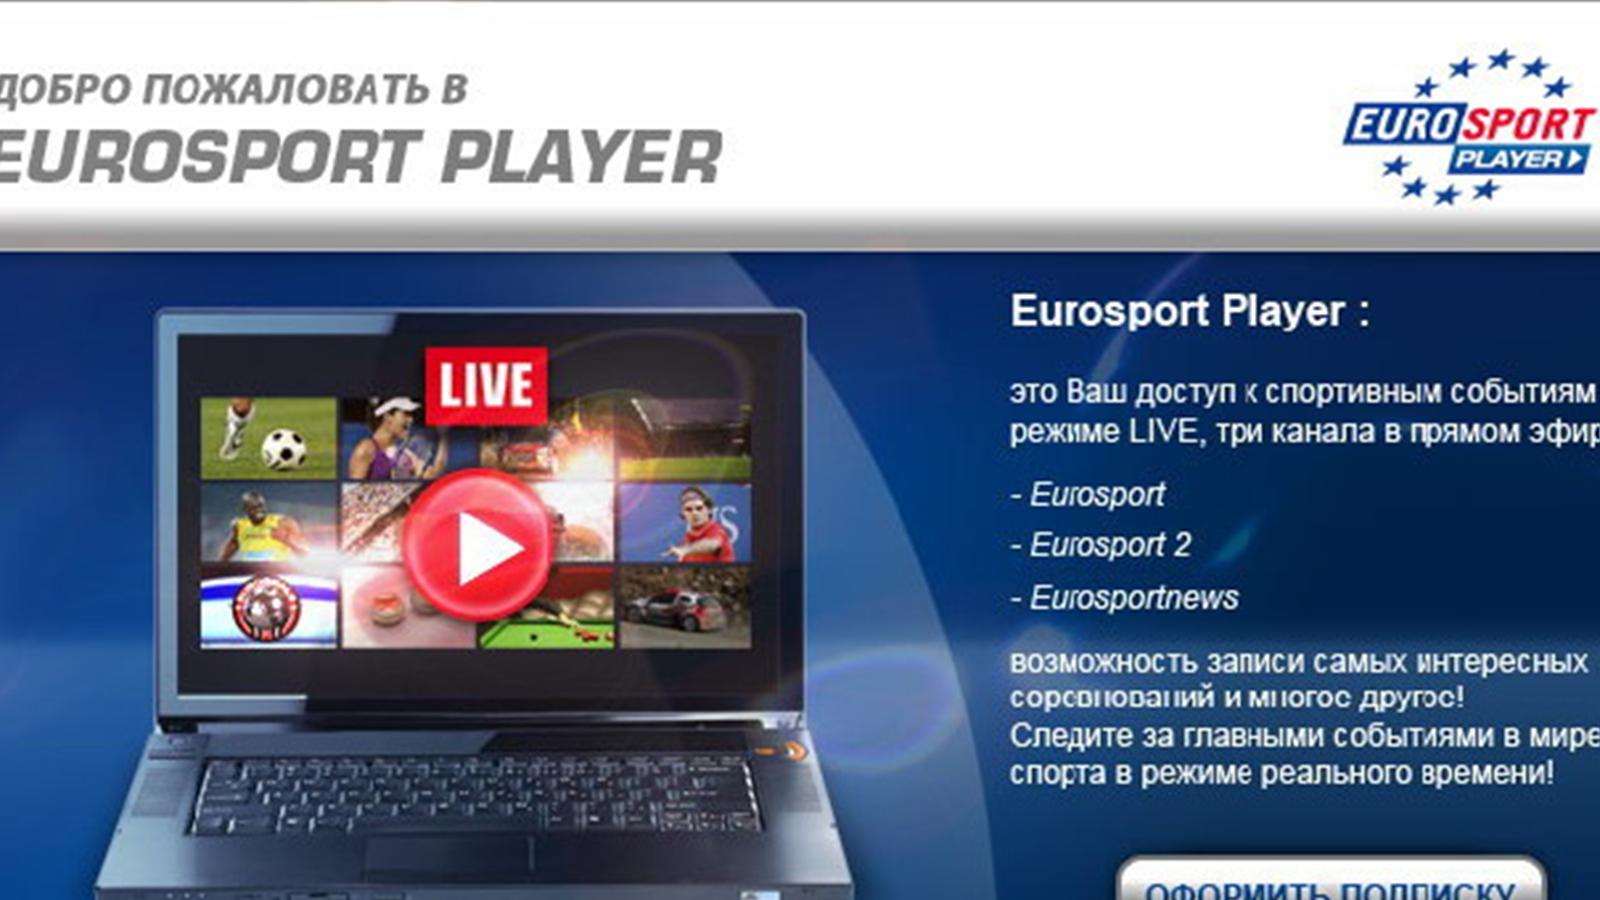 Eurosport Player Bildqualität